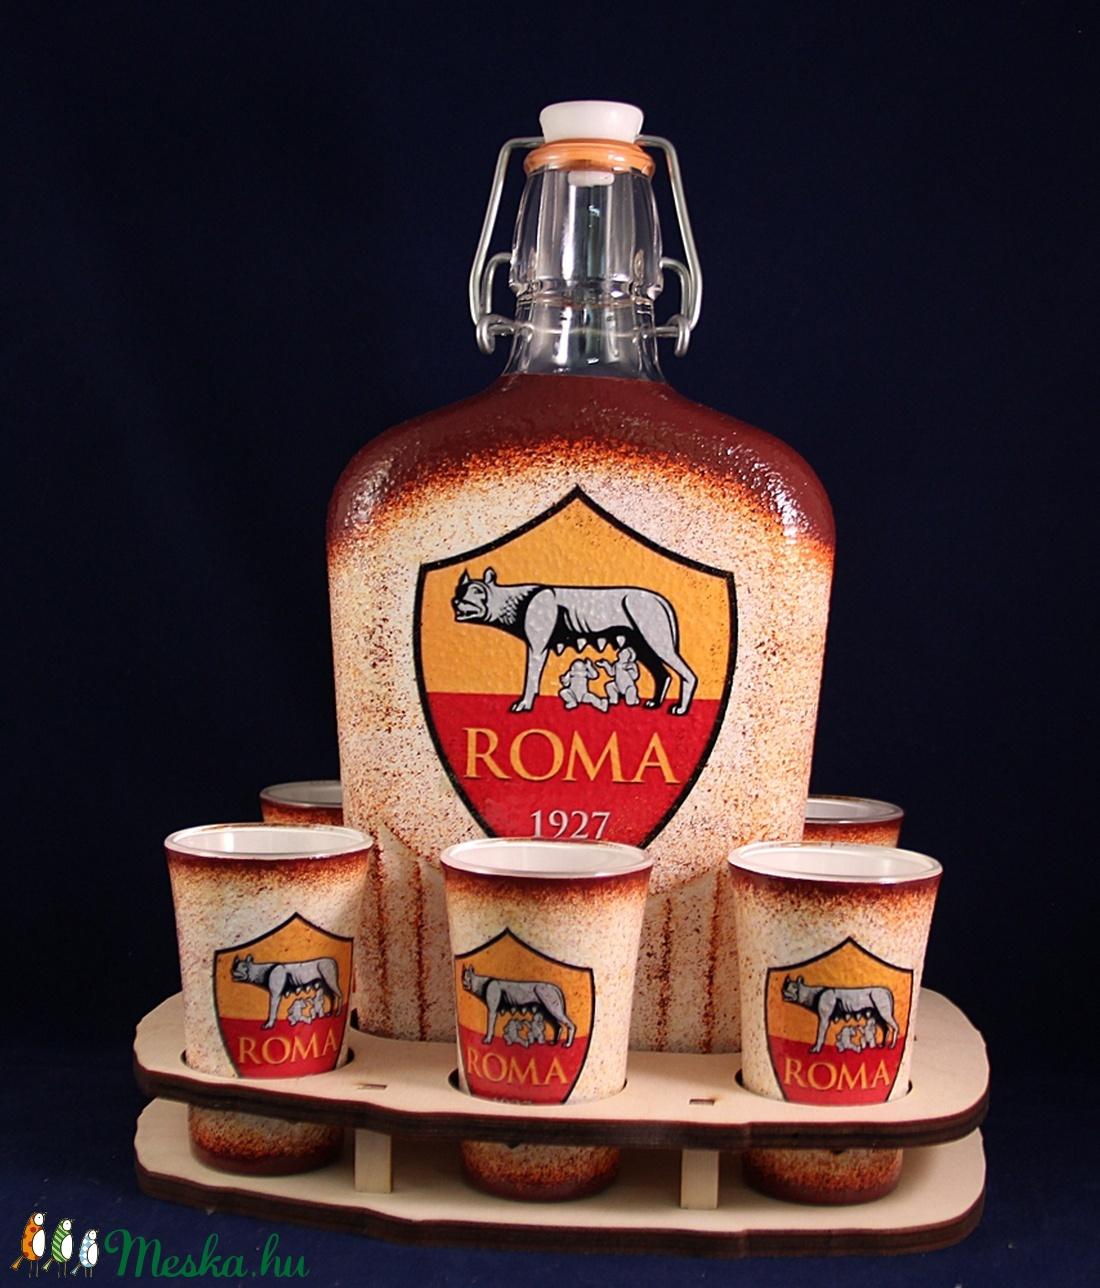 AS ROMA  emblémával díszített pálinkás szett ( 0,5 l üveg + 6x45ml pohár + tartó )  (decorfantasy) - Meska.hu